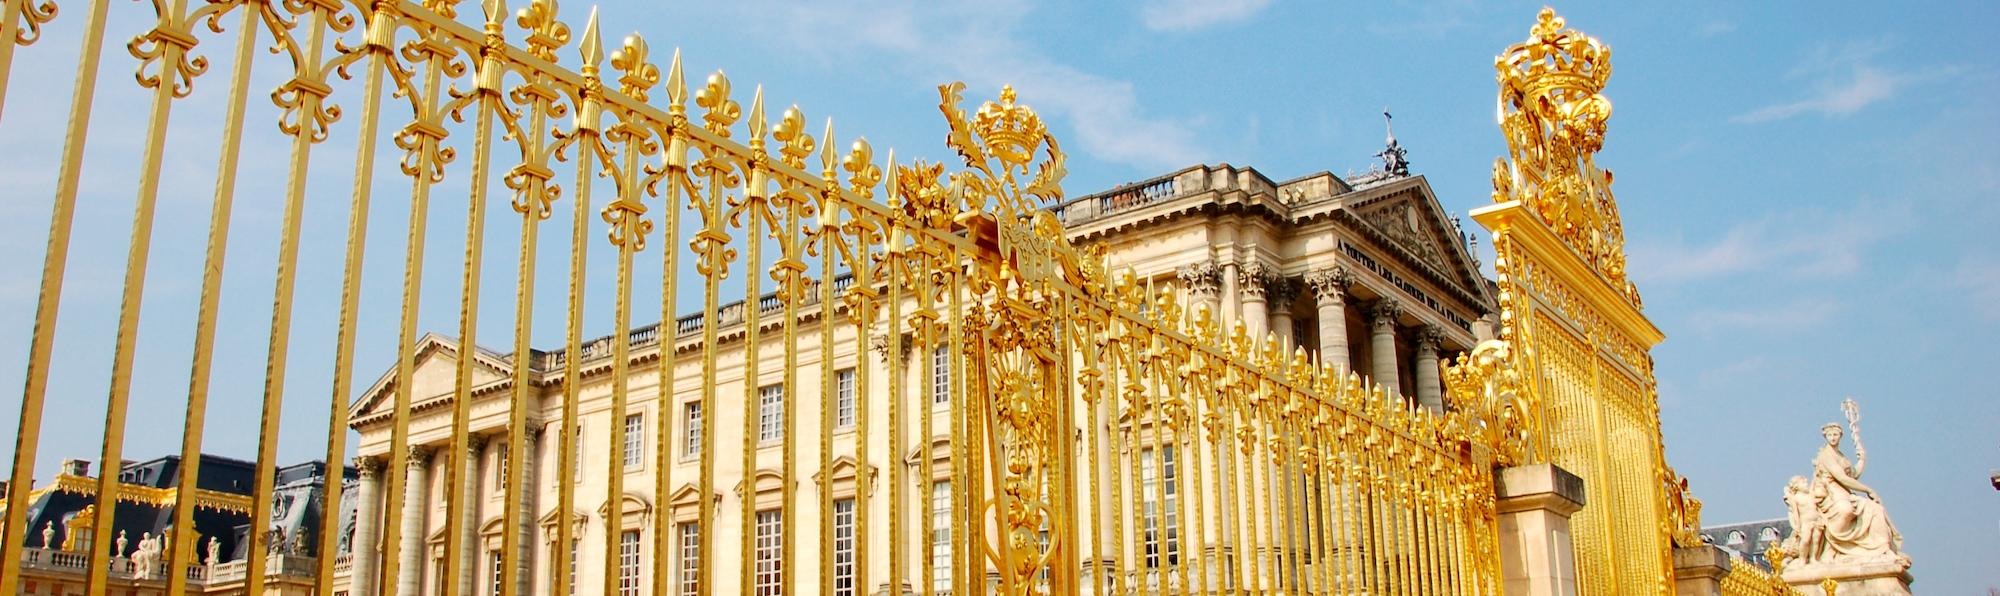 Palacio Versalles Abajo, París